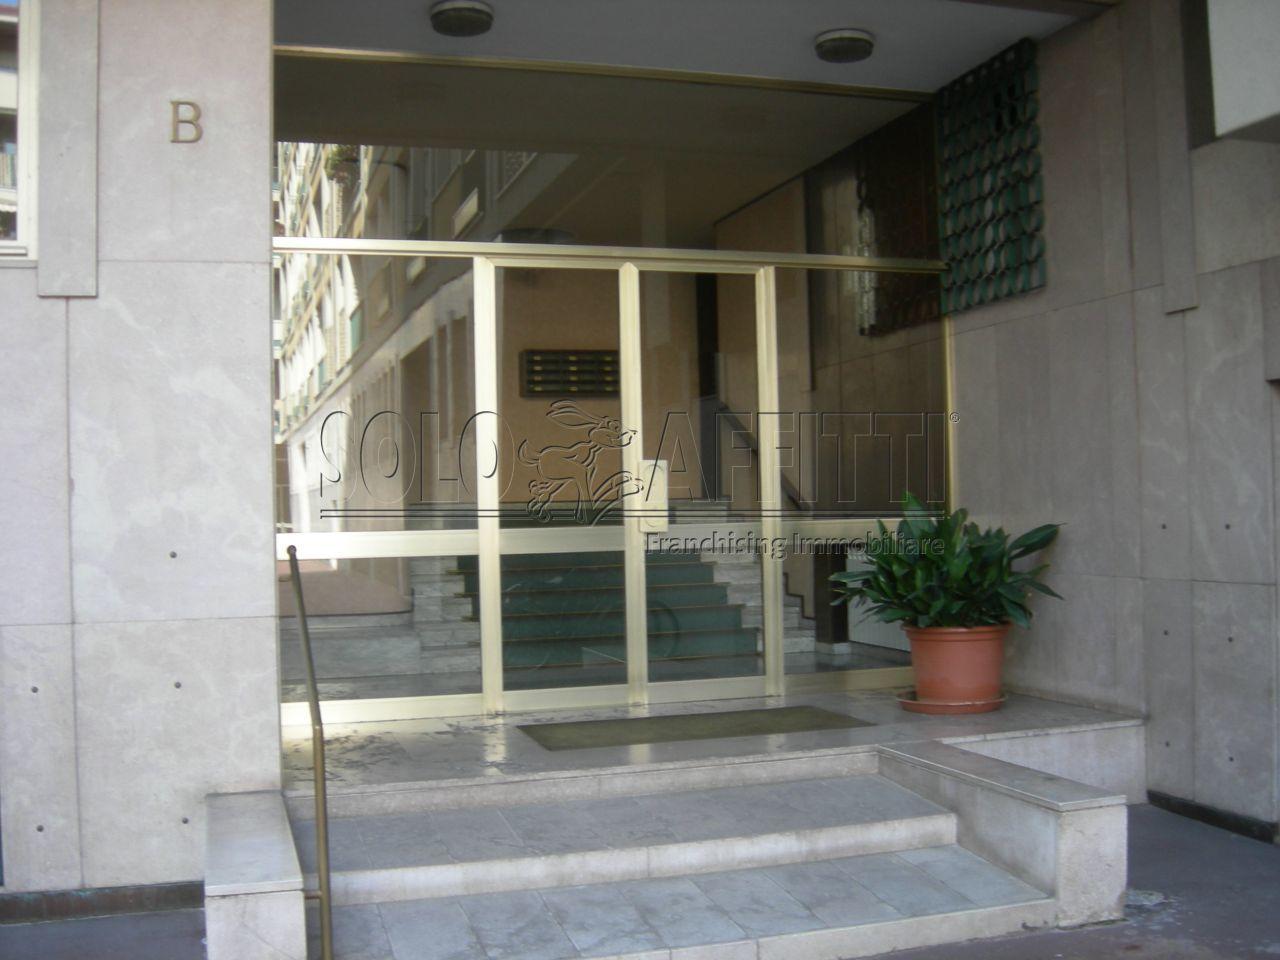 Ufficio - 3 locali a Valentino, Torino Rif. 9841276